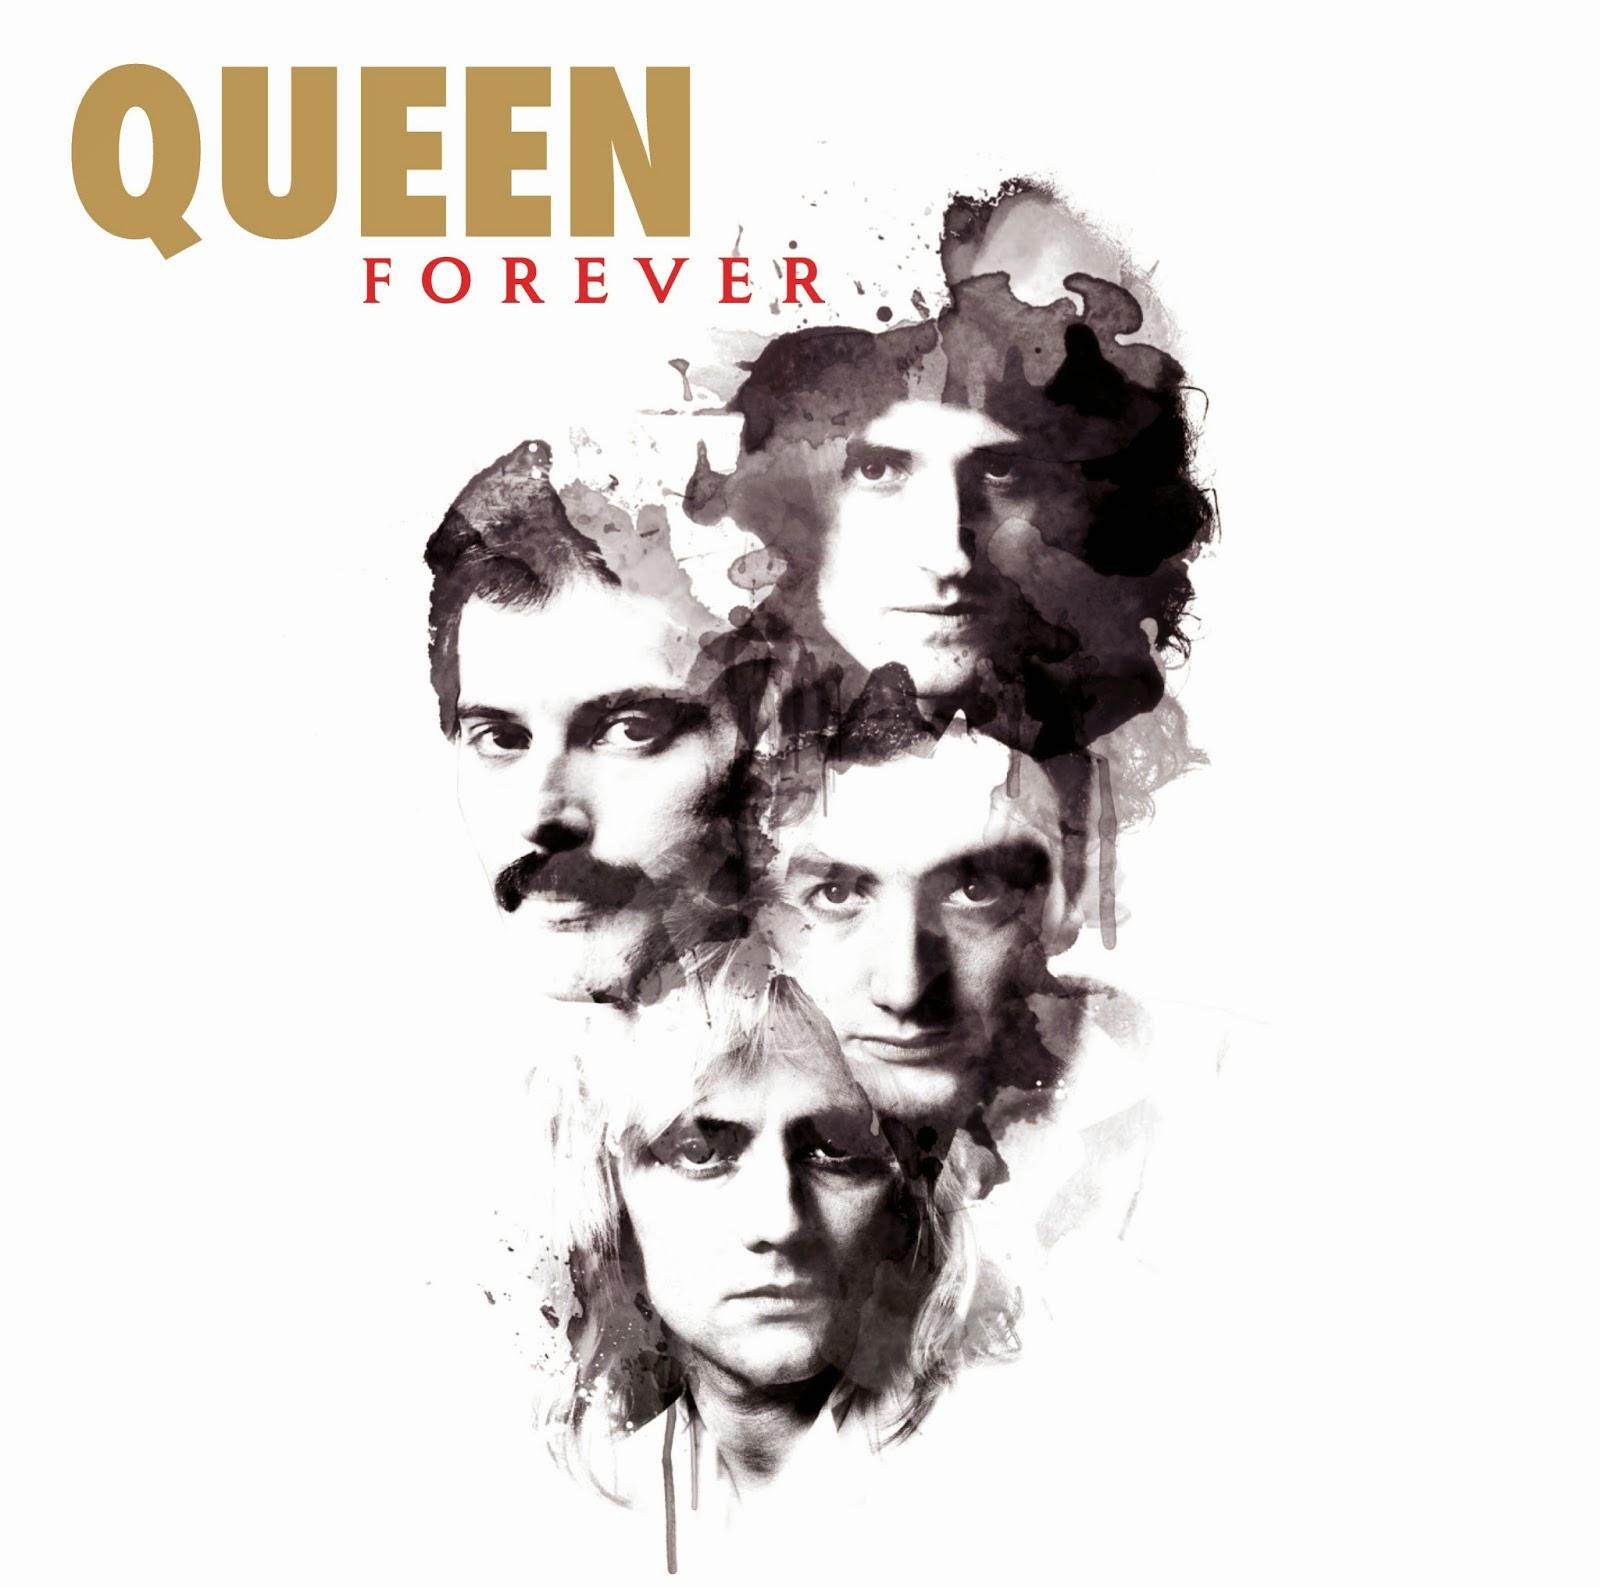 Queen new trailer new Queen Forever album